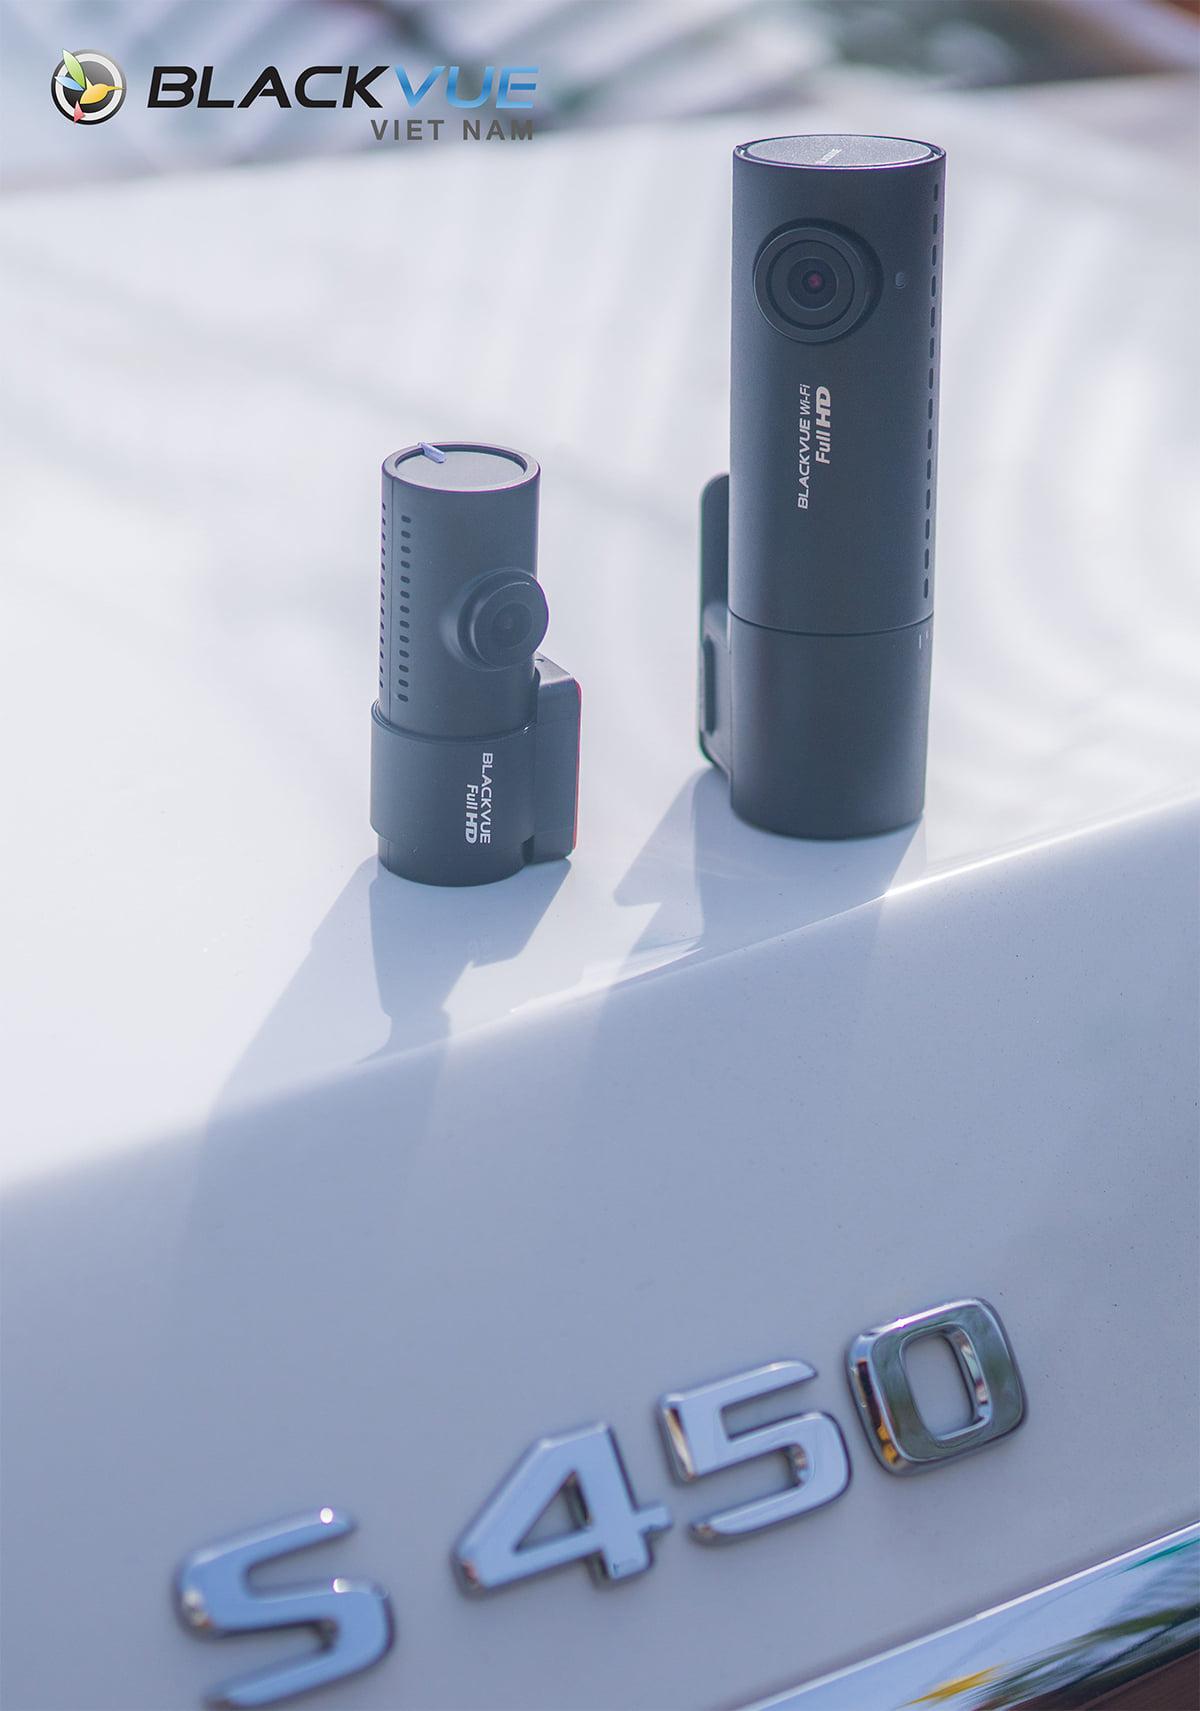 Lắp đặt camera tận nhà miễn phí 2 1 - Dịch vụ lắp đặt camera hành trình tận nhà miễn phí